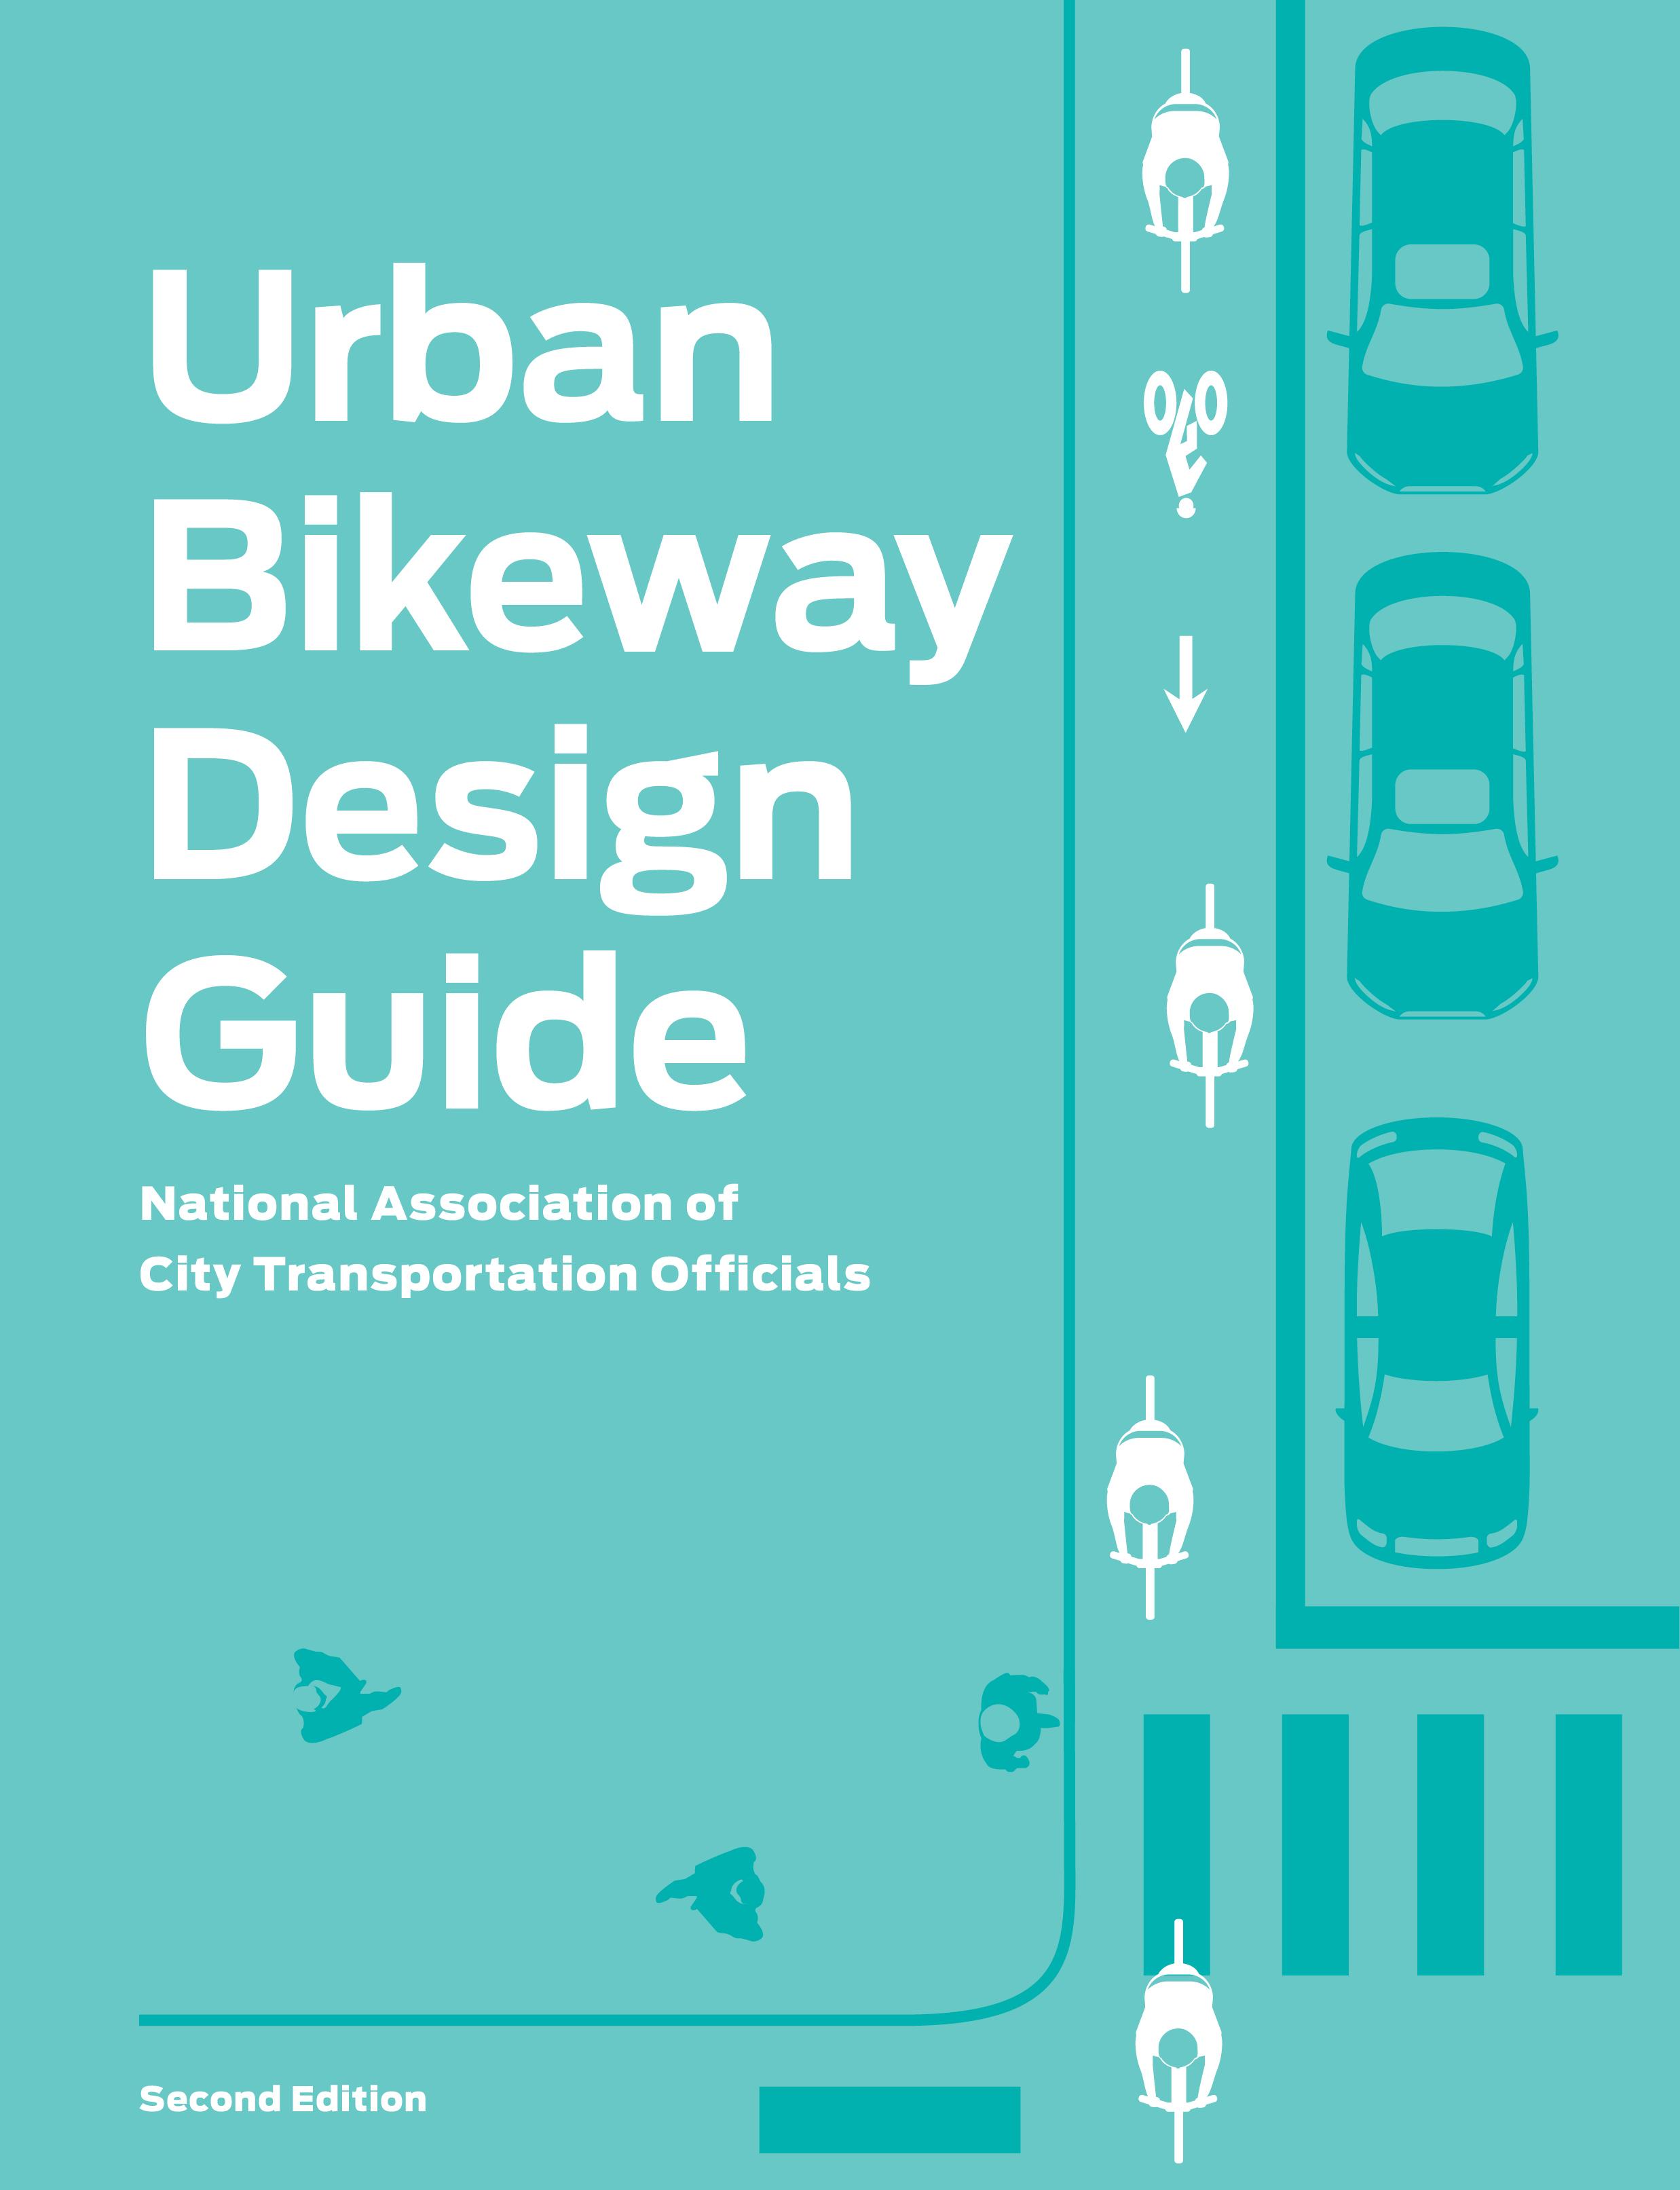 Urban Bikeway Design Guide  National Association of City Transportation Officials